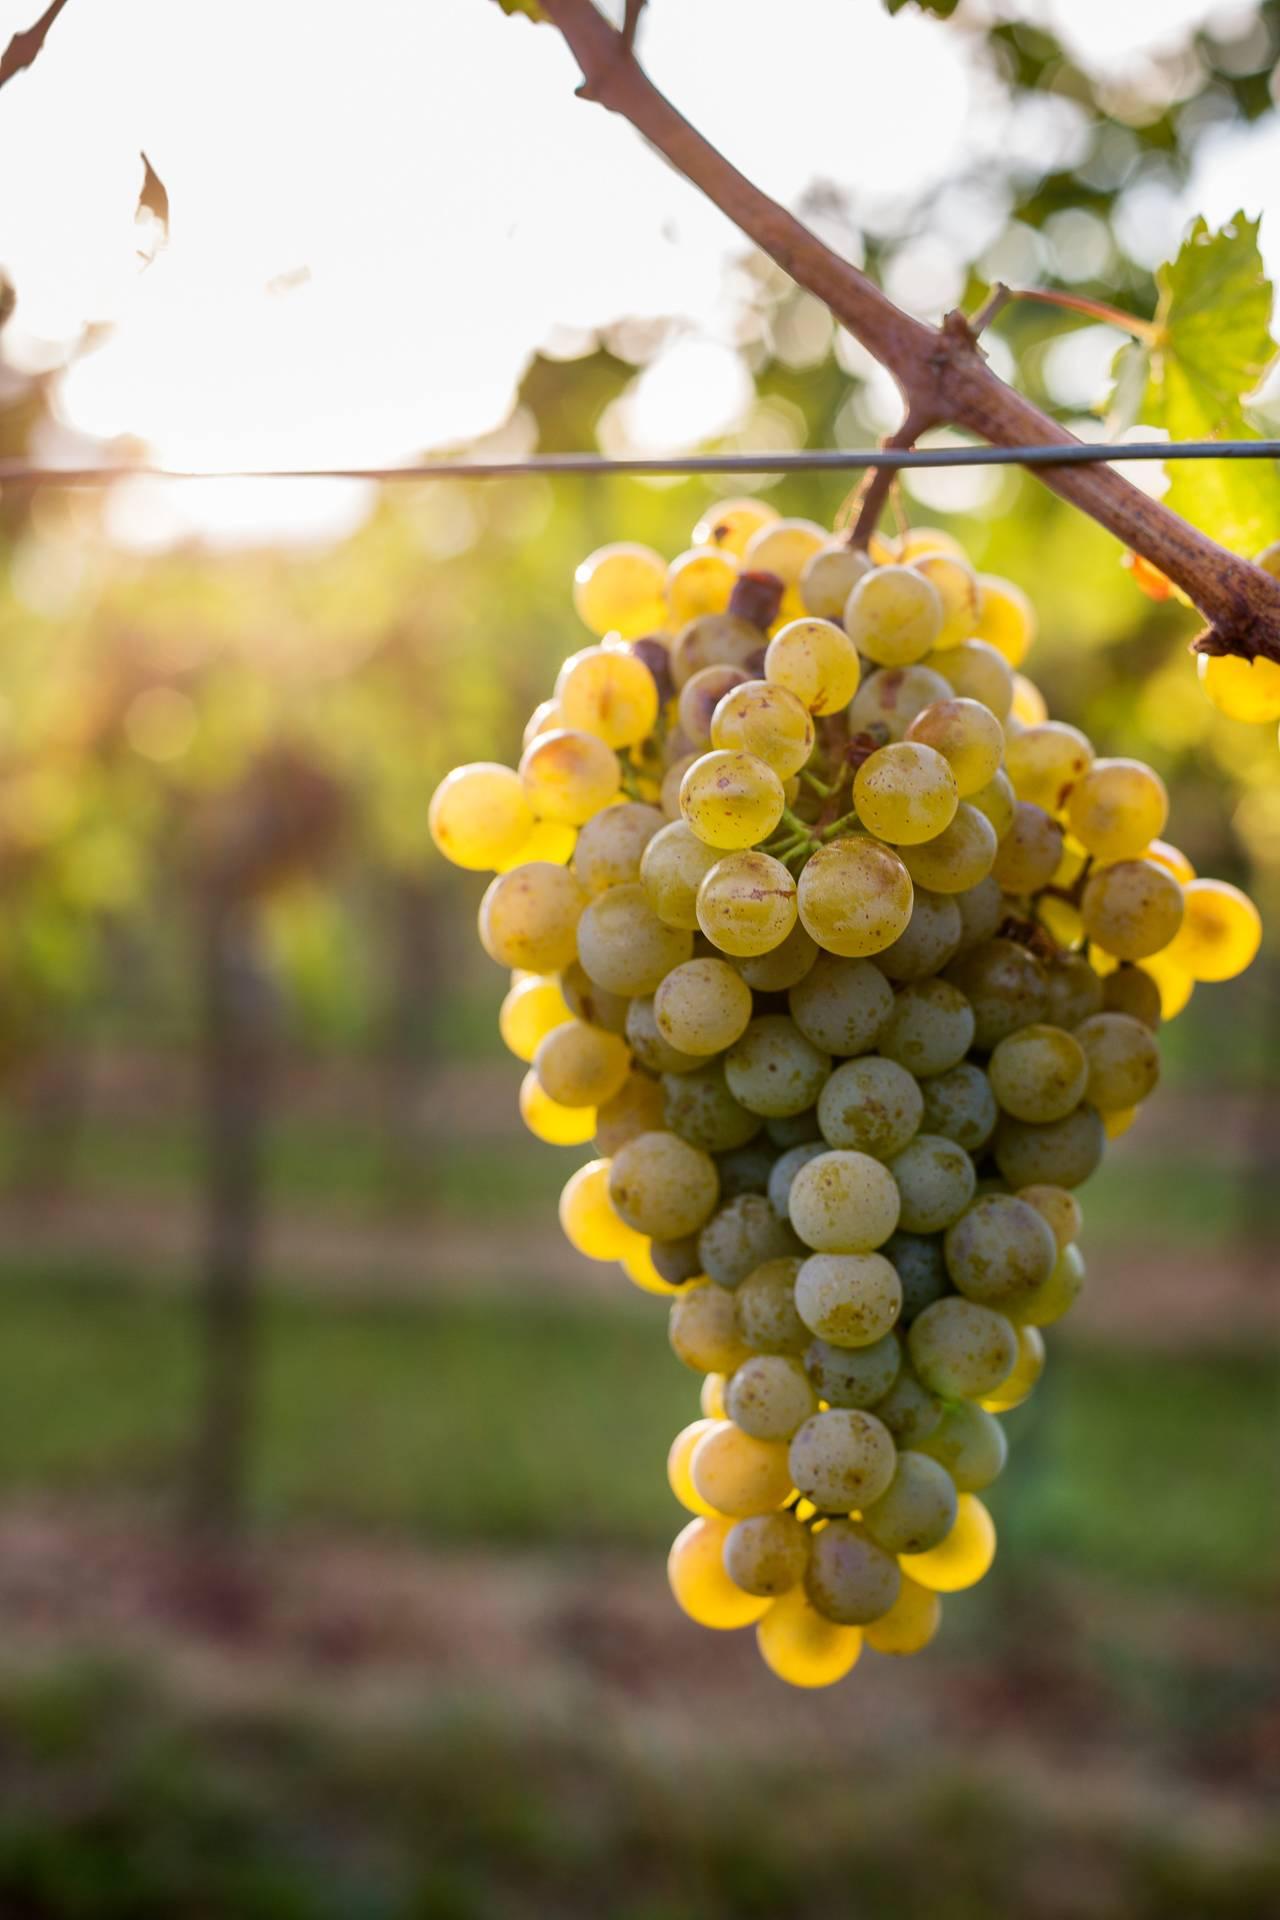 Helle Weintrauben strahlen im Gegenlicht und heben sich dadurch vom Hintergrund ab.